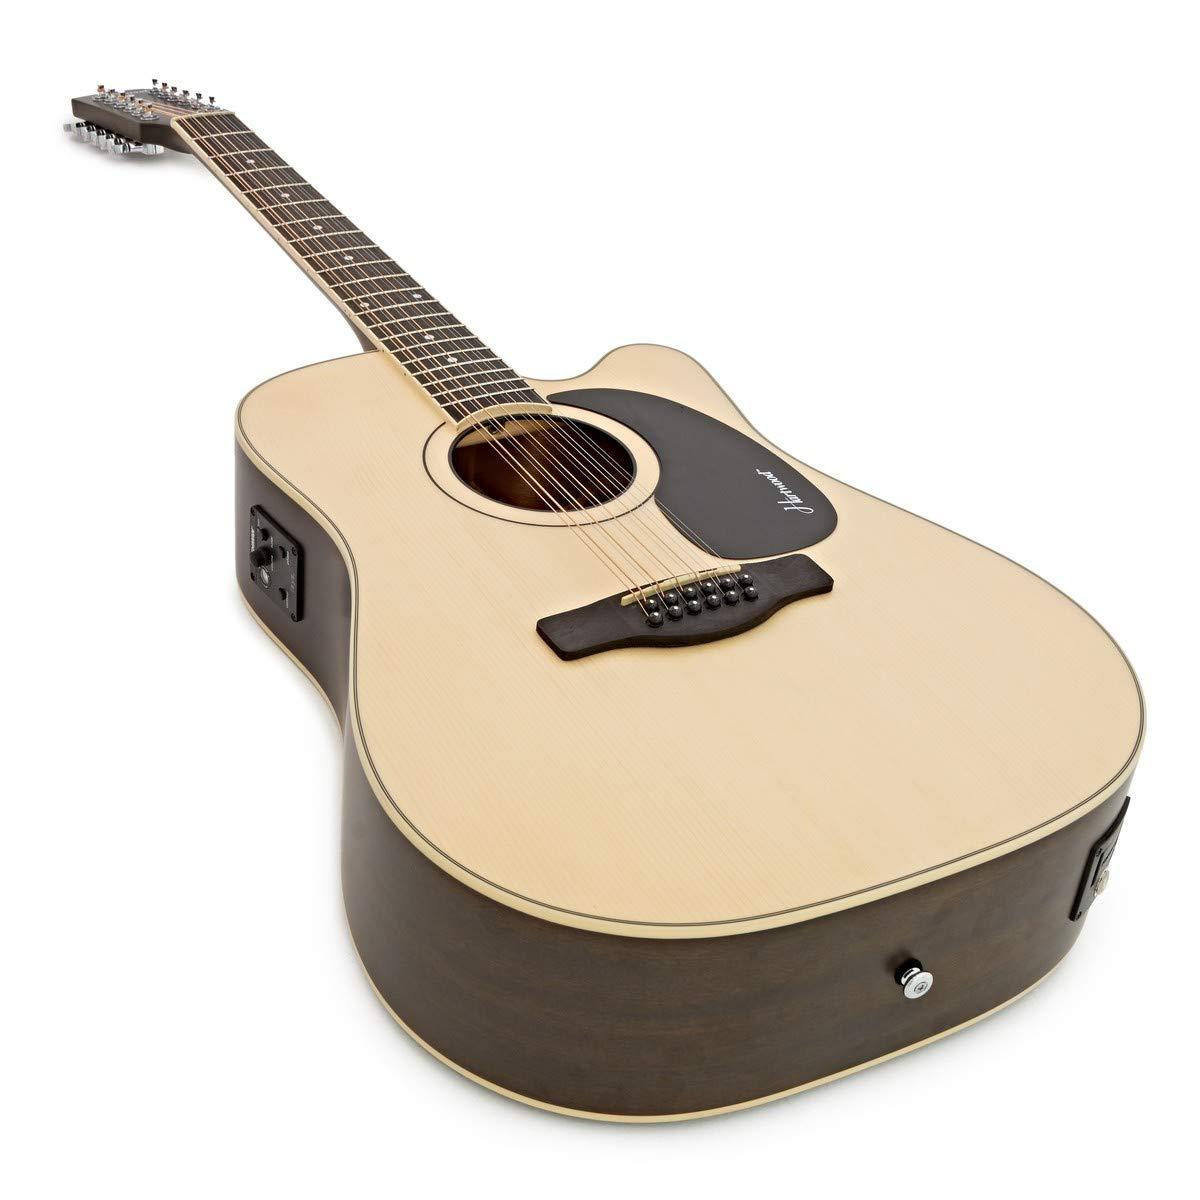 Guitarra Electro-Acústica Hartwood Villanelle de 12 cuerdas: Amazon.es: Instrumentos musicales